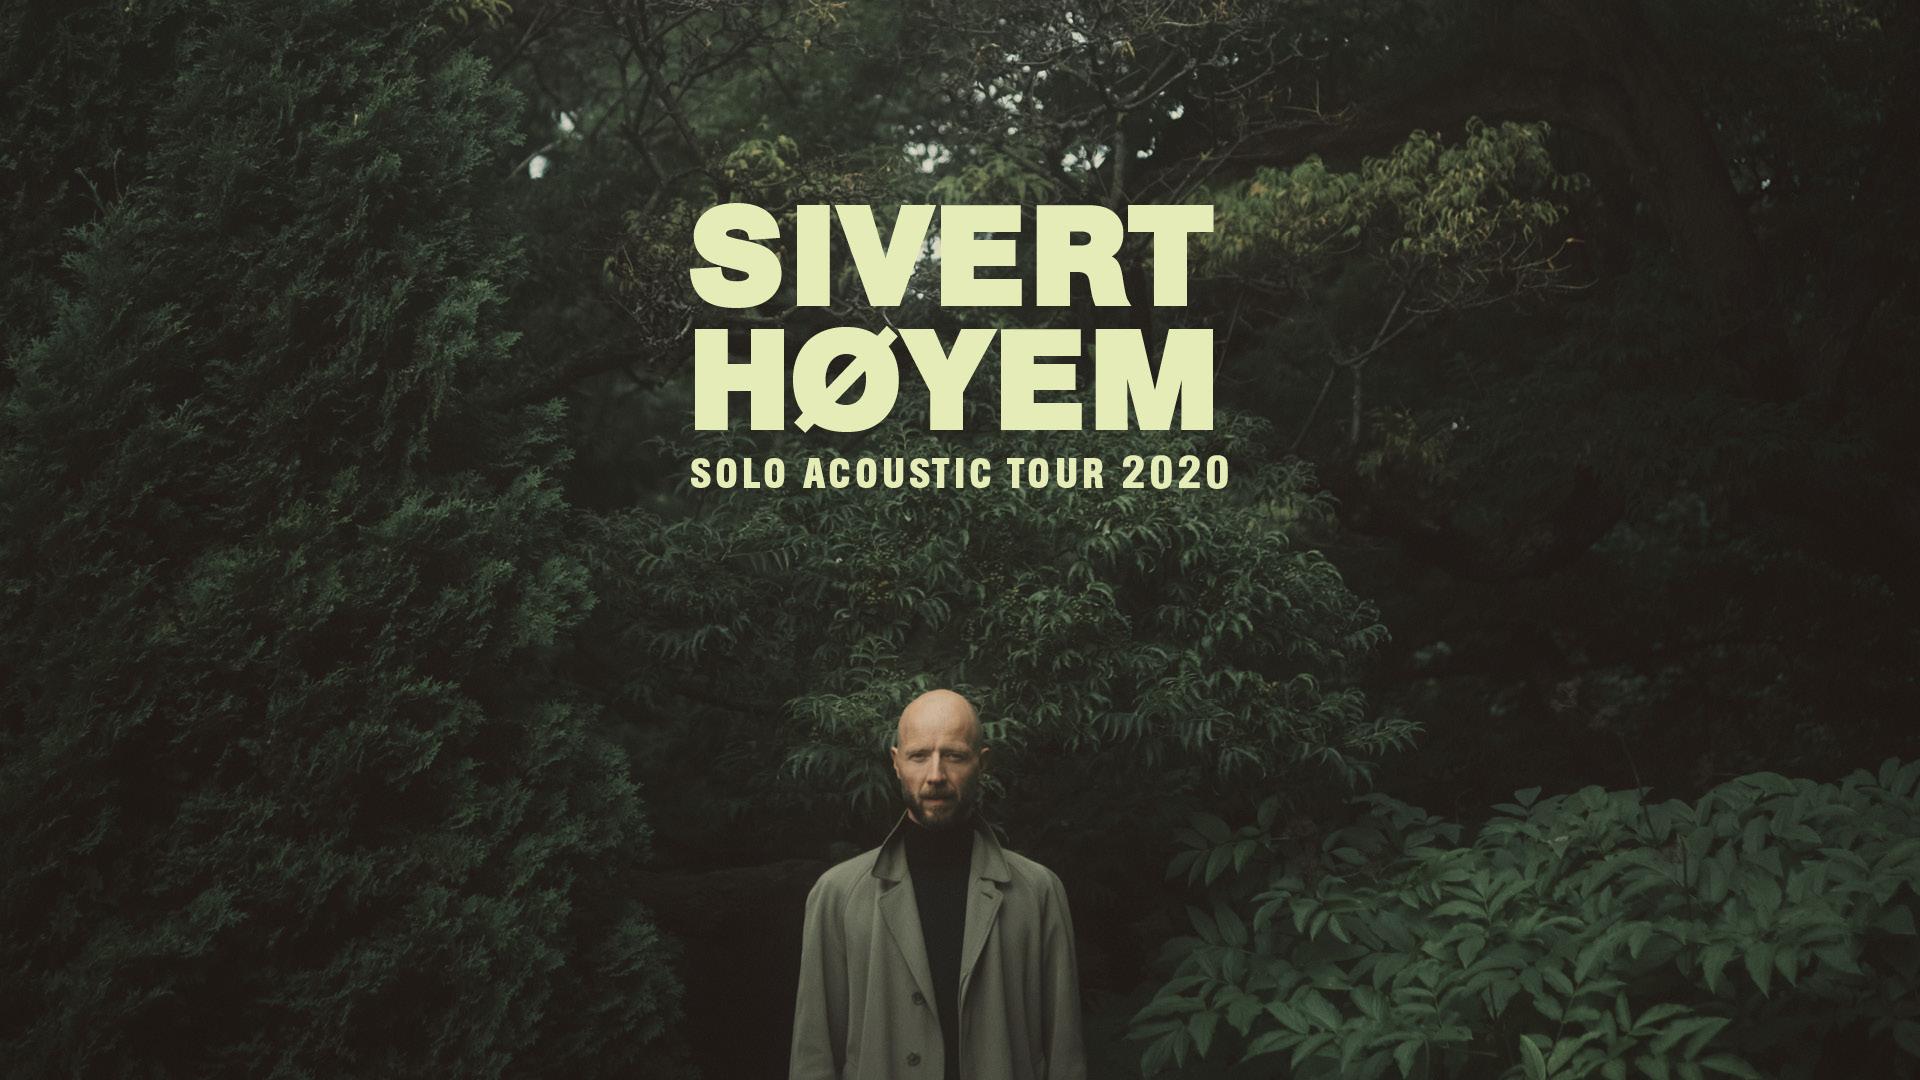 Sivert Høyem